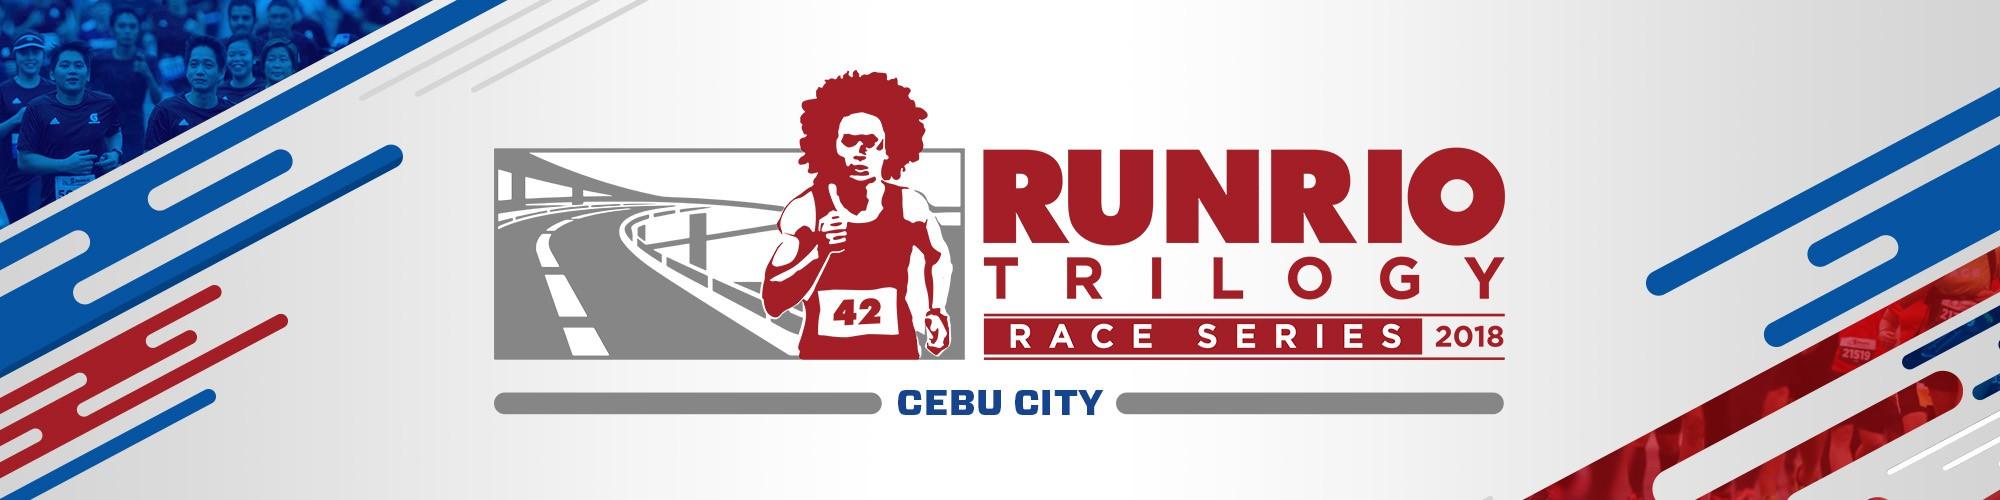 RUNRIO TRILOGY Cebu leg 2